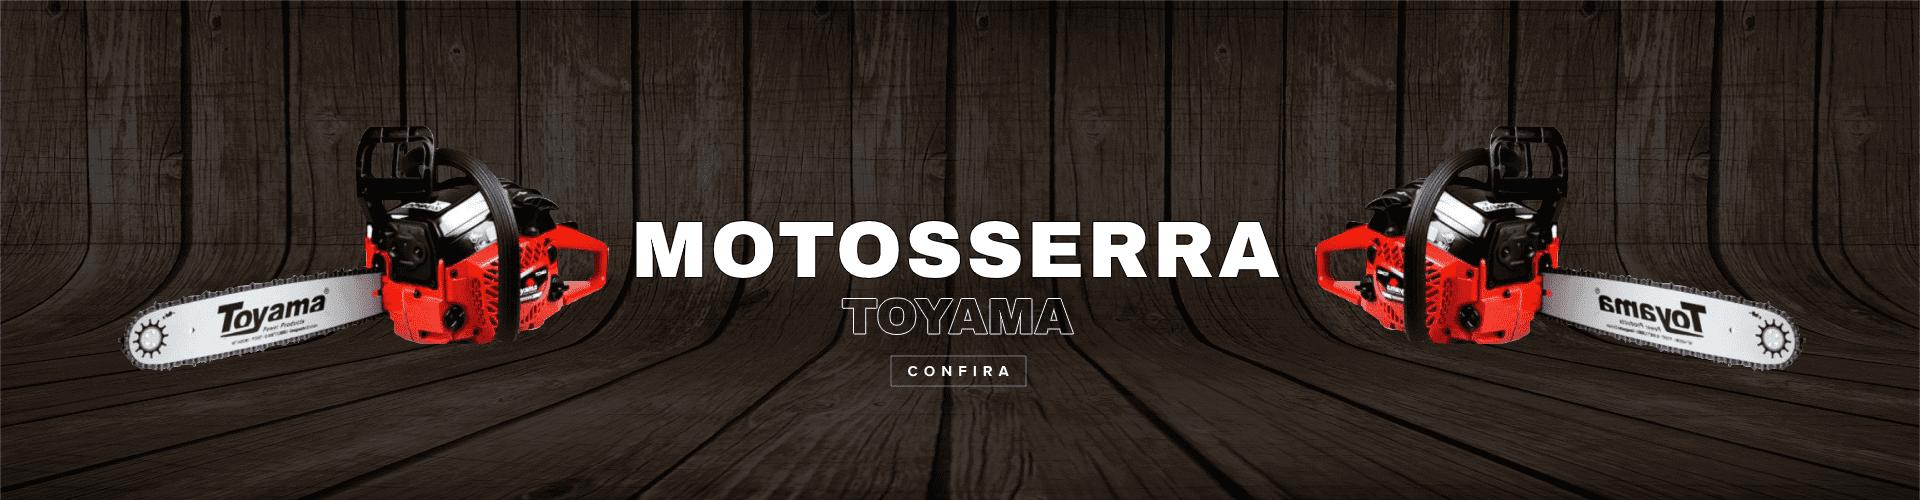 Motosserra Toyama